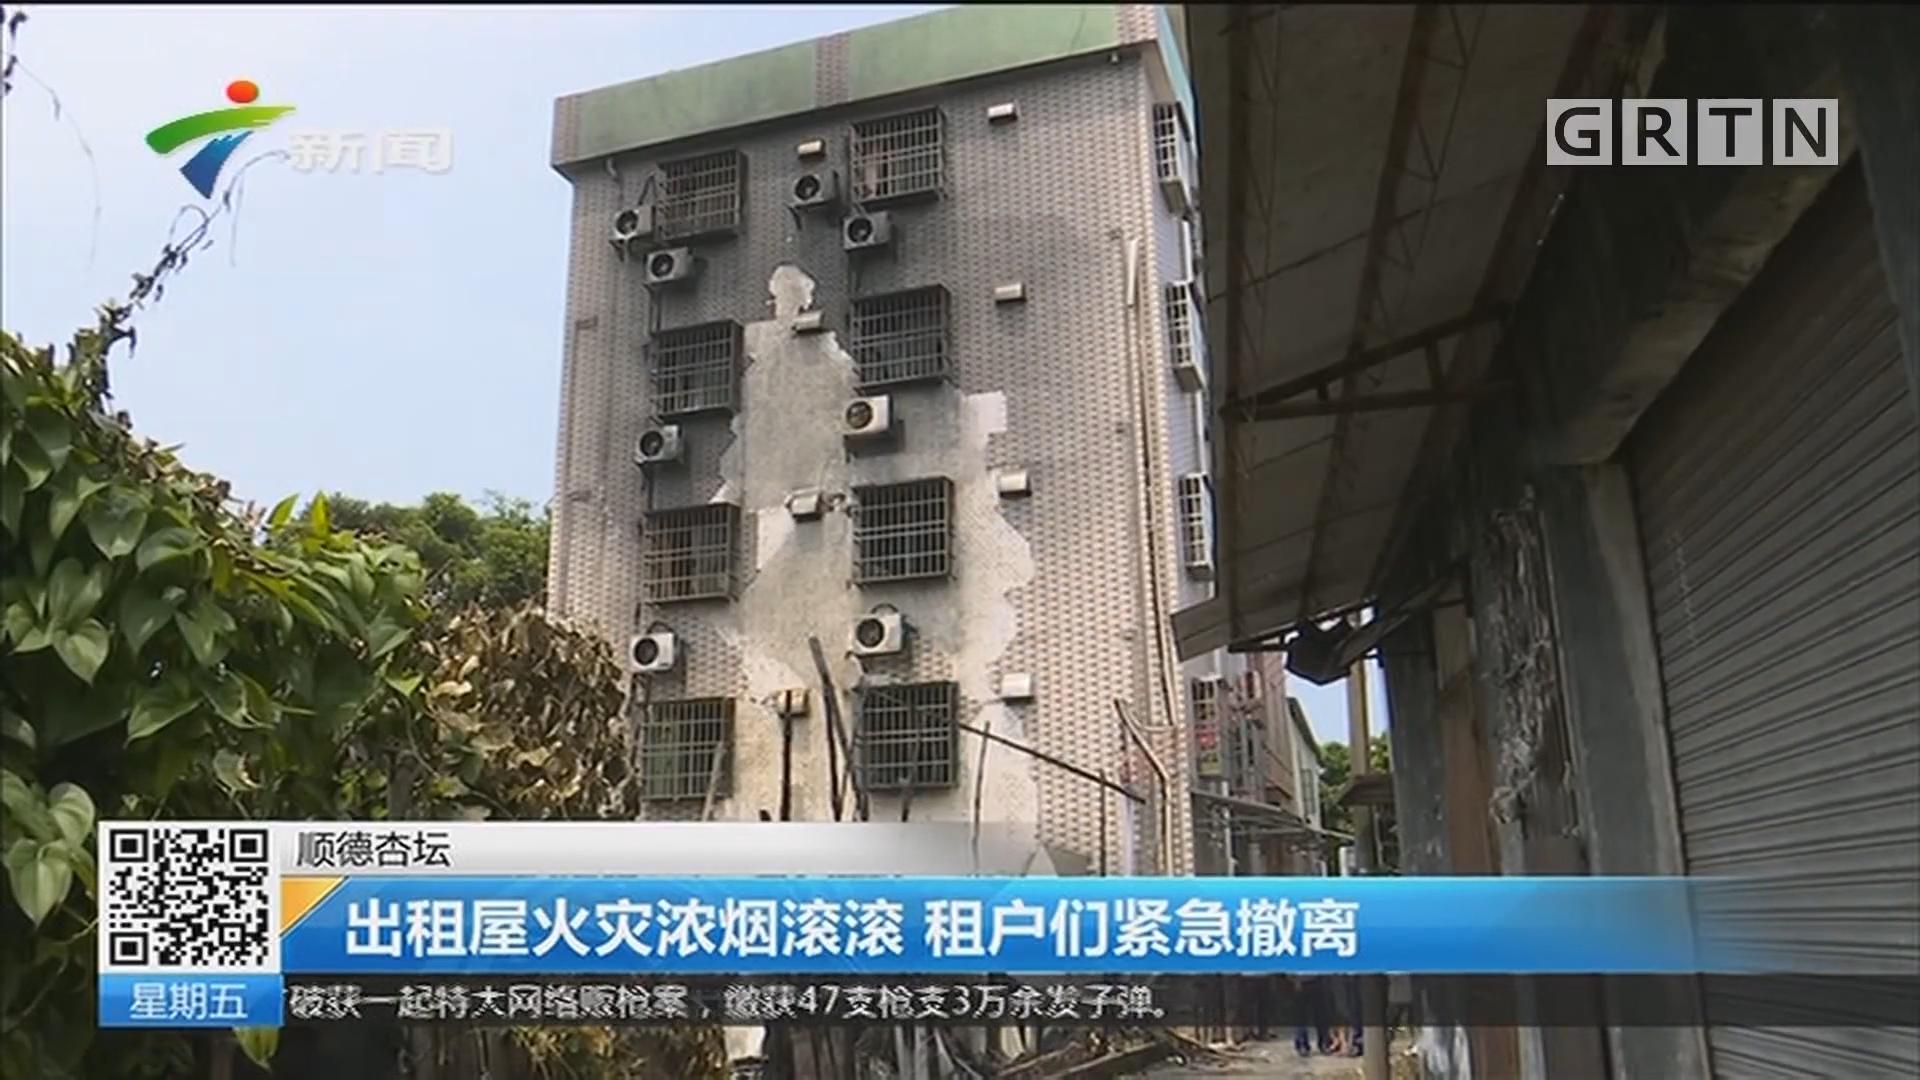 顺德杏坛:出租屋火灾浓烟滚滚 租户们紧急撤离